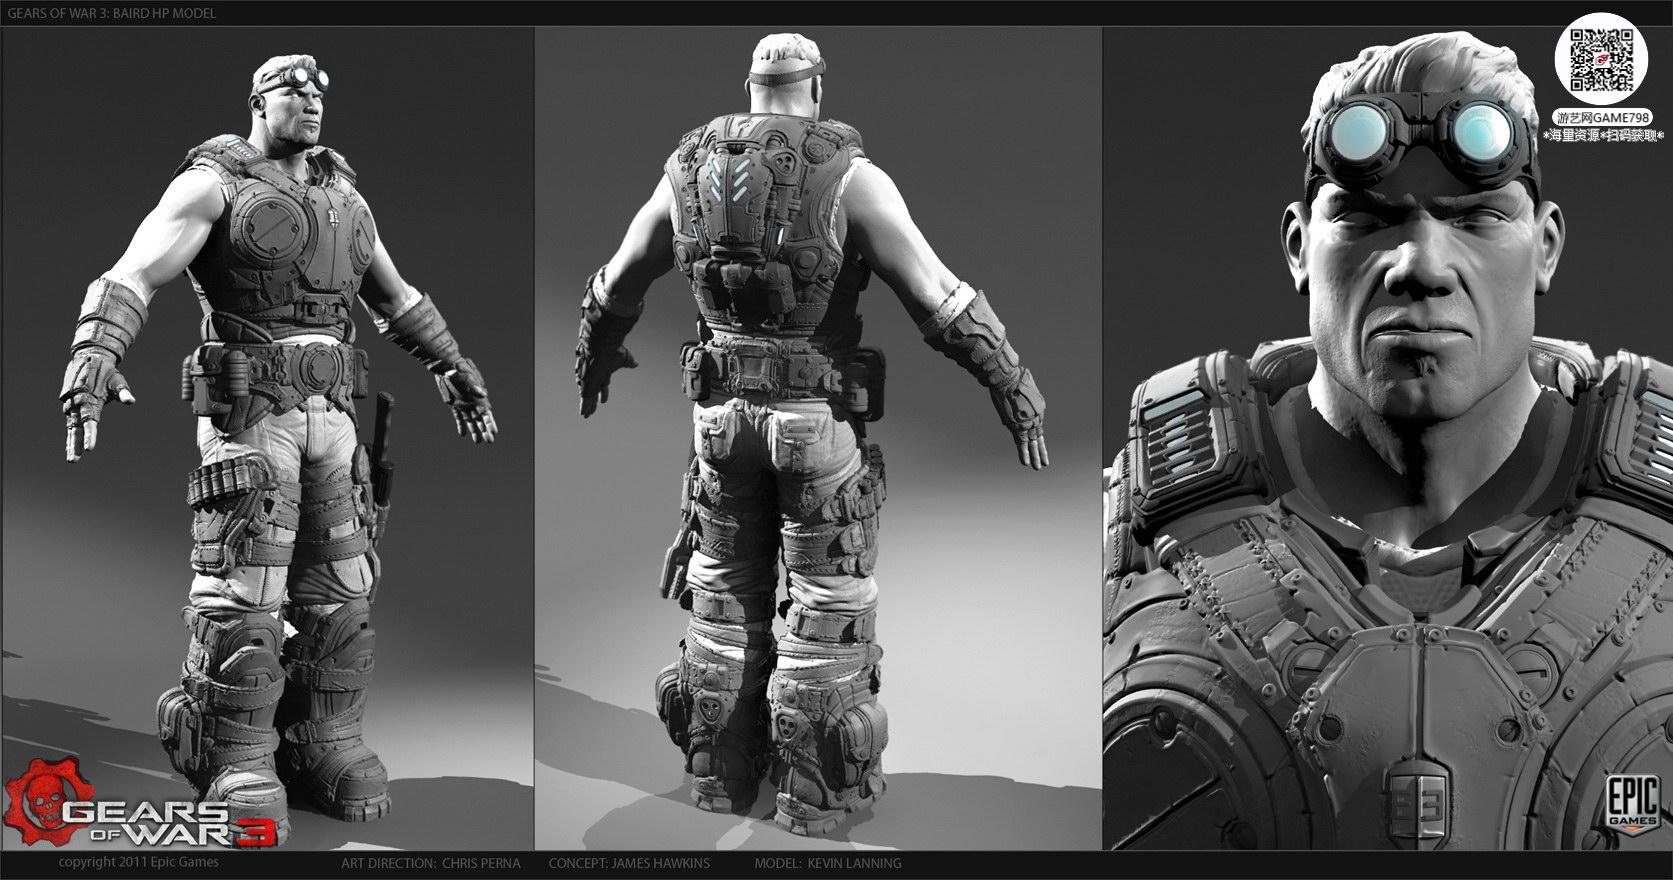 056_关注-游艺网GAME798海量资源下载【战争机器3|3D角色】经典角色设定.jpg